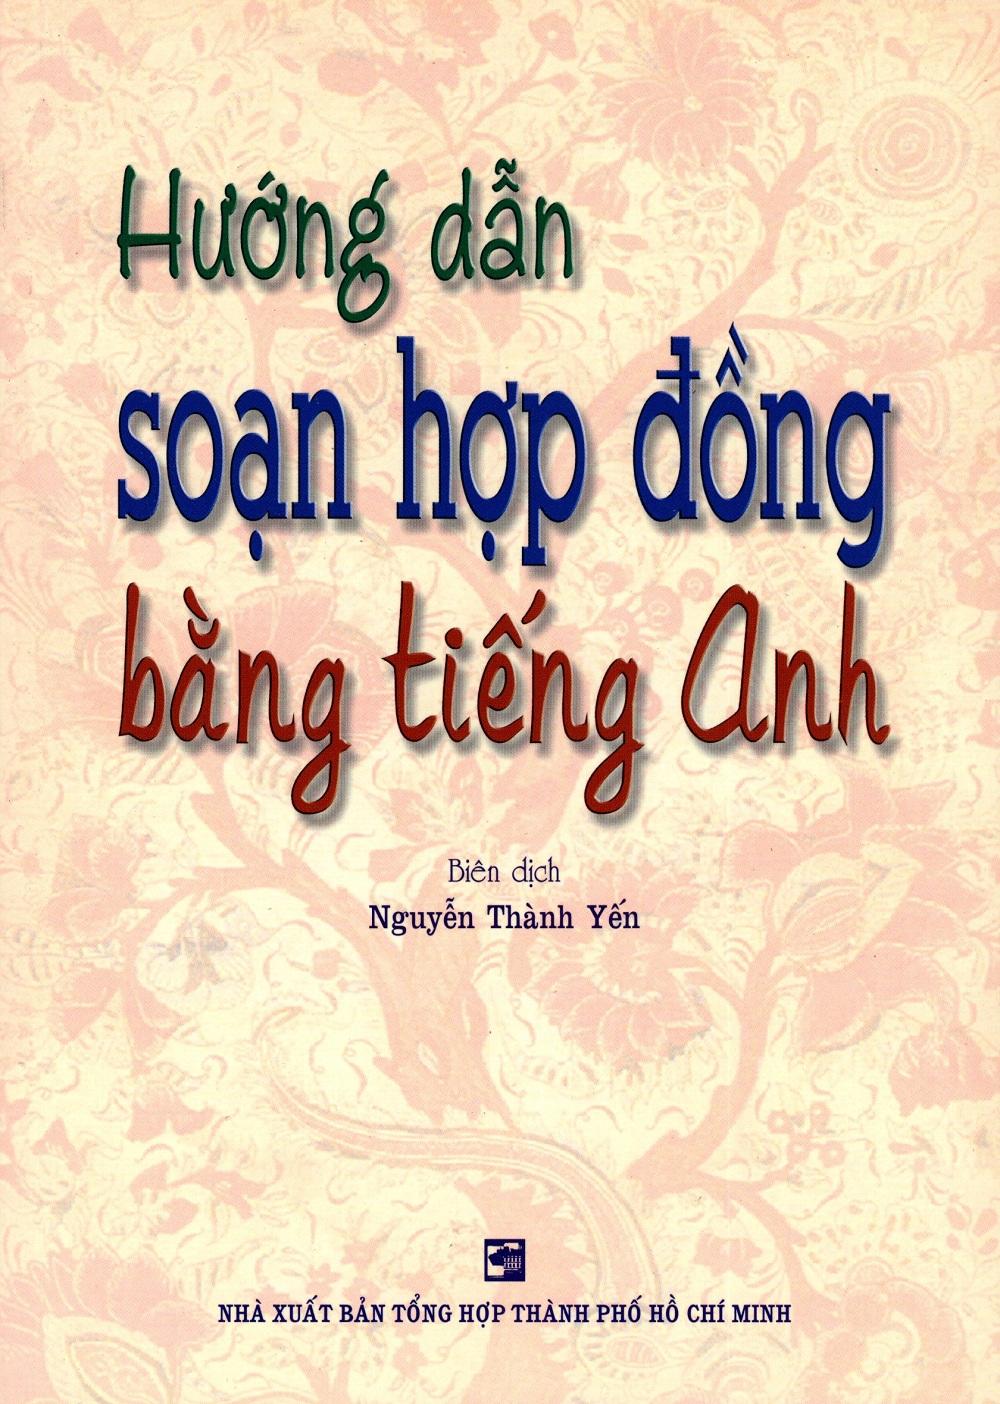 Hướng Dẫn Soạn Hợp Đồng Bằng Tiếng Anh - 3101068614851,62_256352,138000,tiki.vn,Huong-Dan-Soan-Hop-Dong-Bang-Tieng-Anh-62_256352,Hướng Dẫn Soạn Hợp Đồng Bằng Tiếng Anh